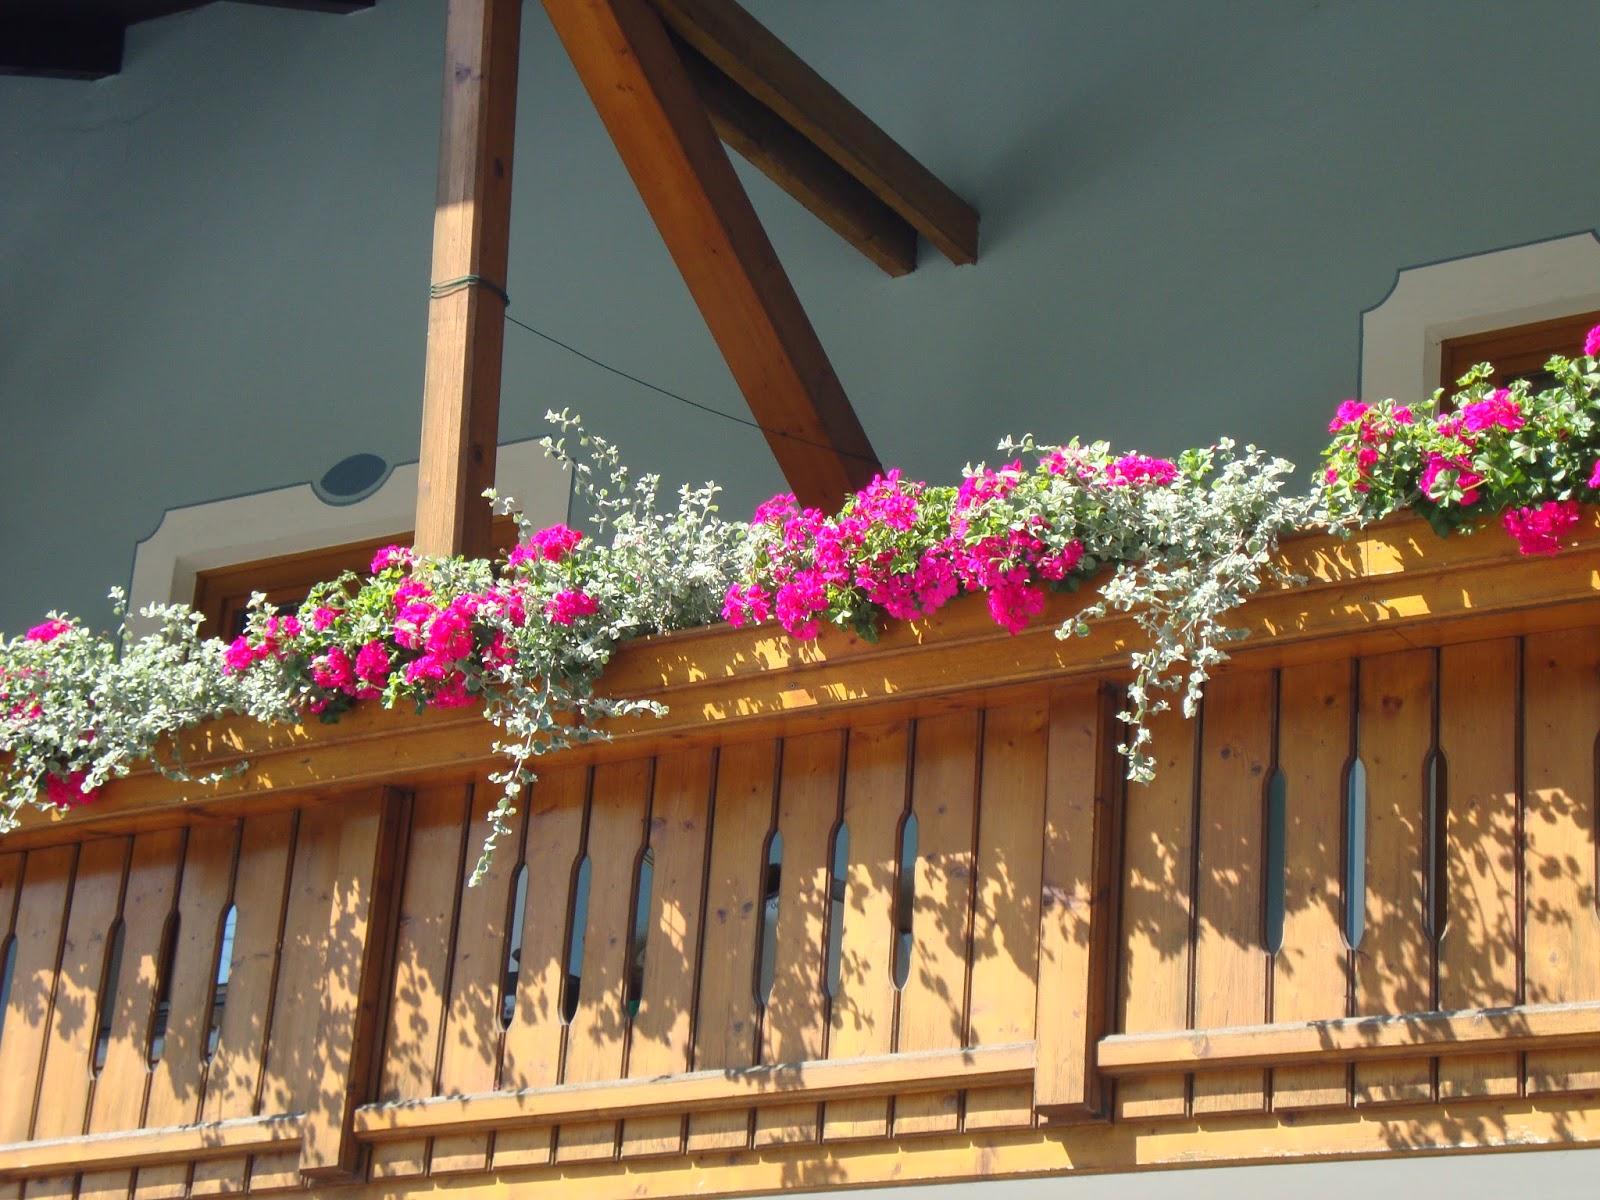 Vaso Esterno Grigio : Un piccolo giardino in città: abbinamenti da provare in giardino